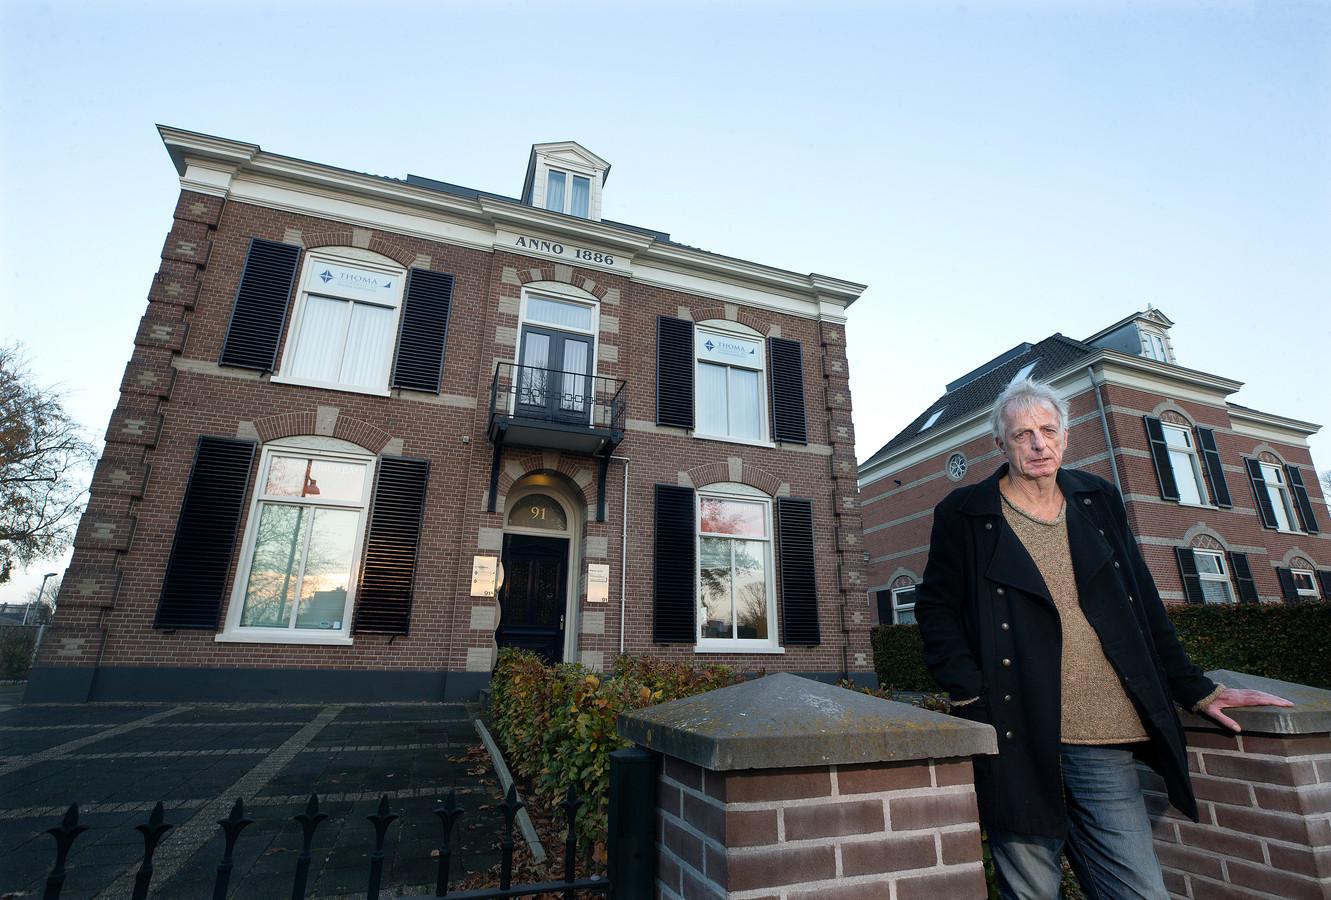 Karel Berkhuysen van de stichting Doetinchem Herdenkt voor een pand in Doetinchem dat tijdens WOII van eigenaar wisselde. Het huis aan de Plantsoenstraat was voor de oorlog uitbrak in eigendom van een joodse familie. Berkhuysen onderzoekt de transacties in Doetinchem.